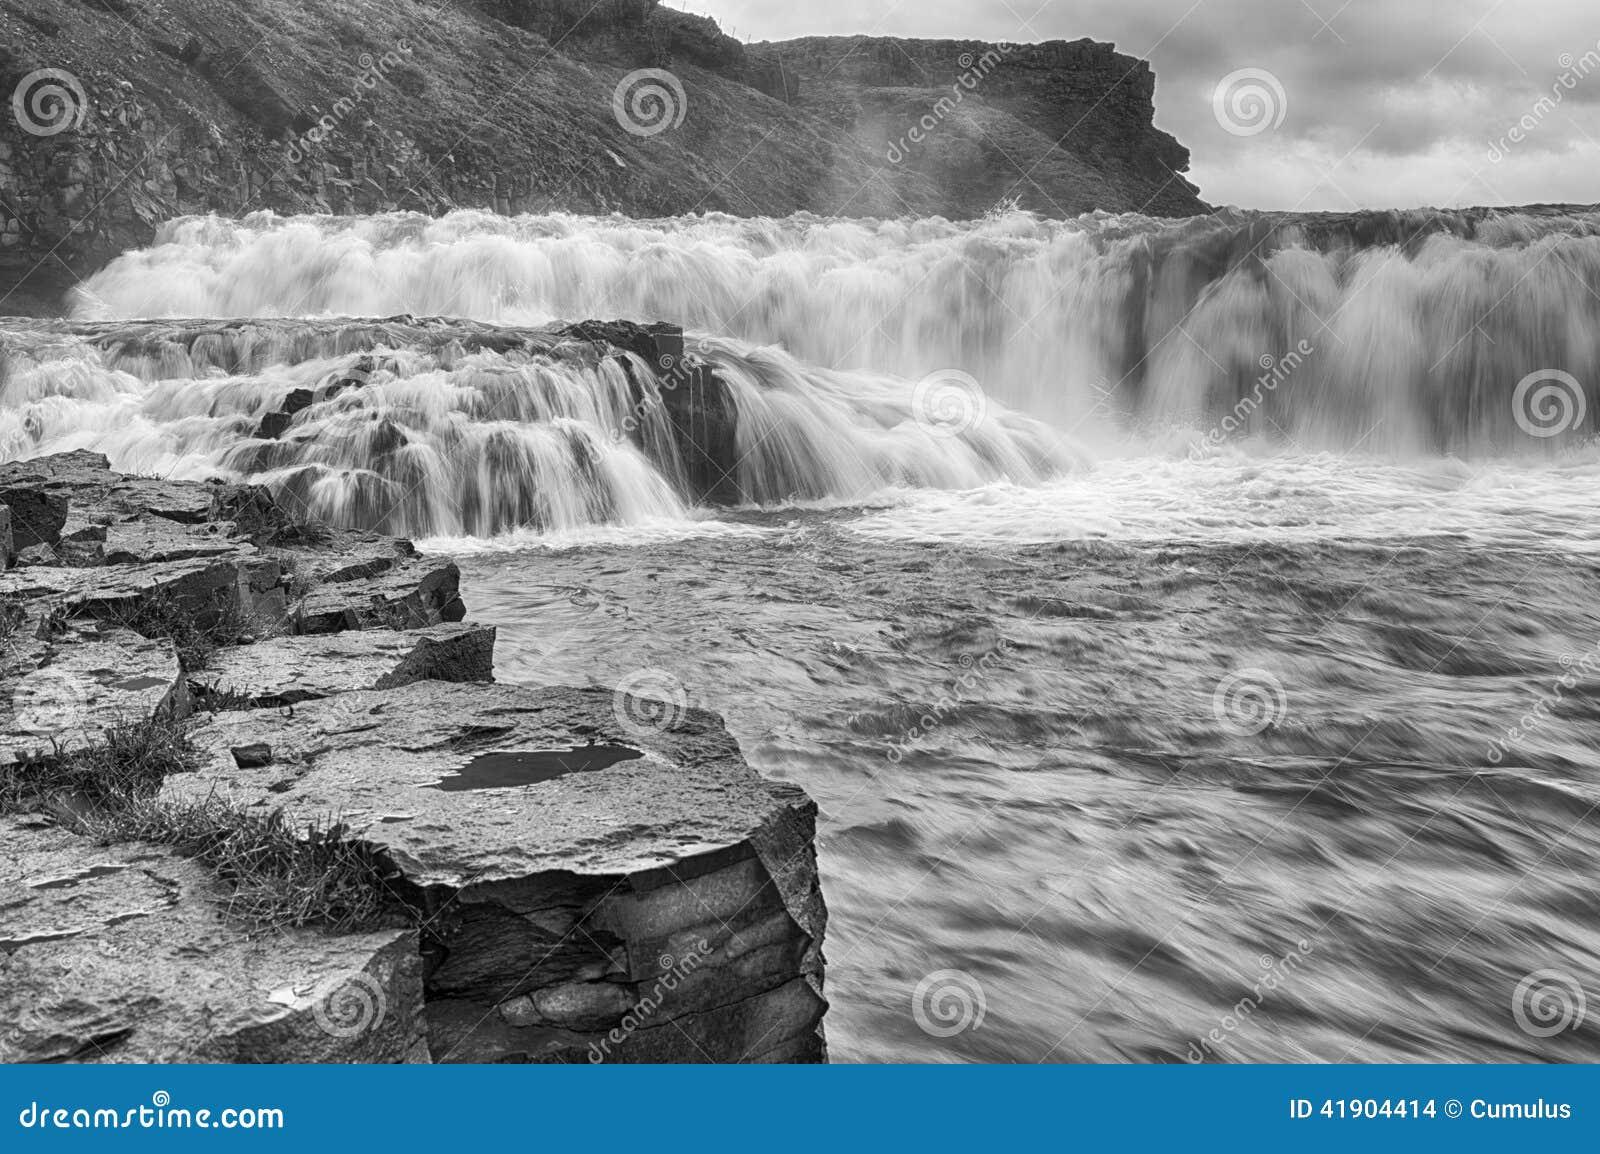 Cascada en Islandia, imagen blanco y negro